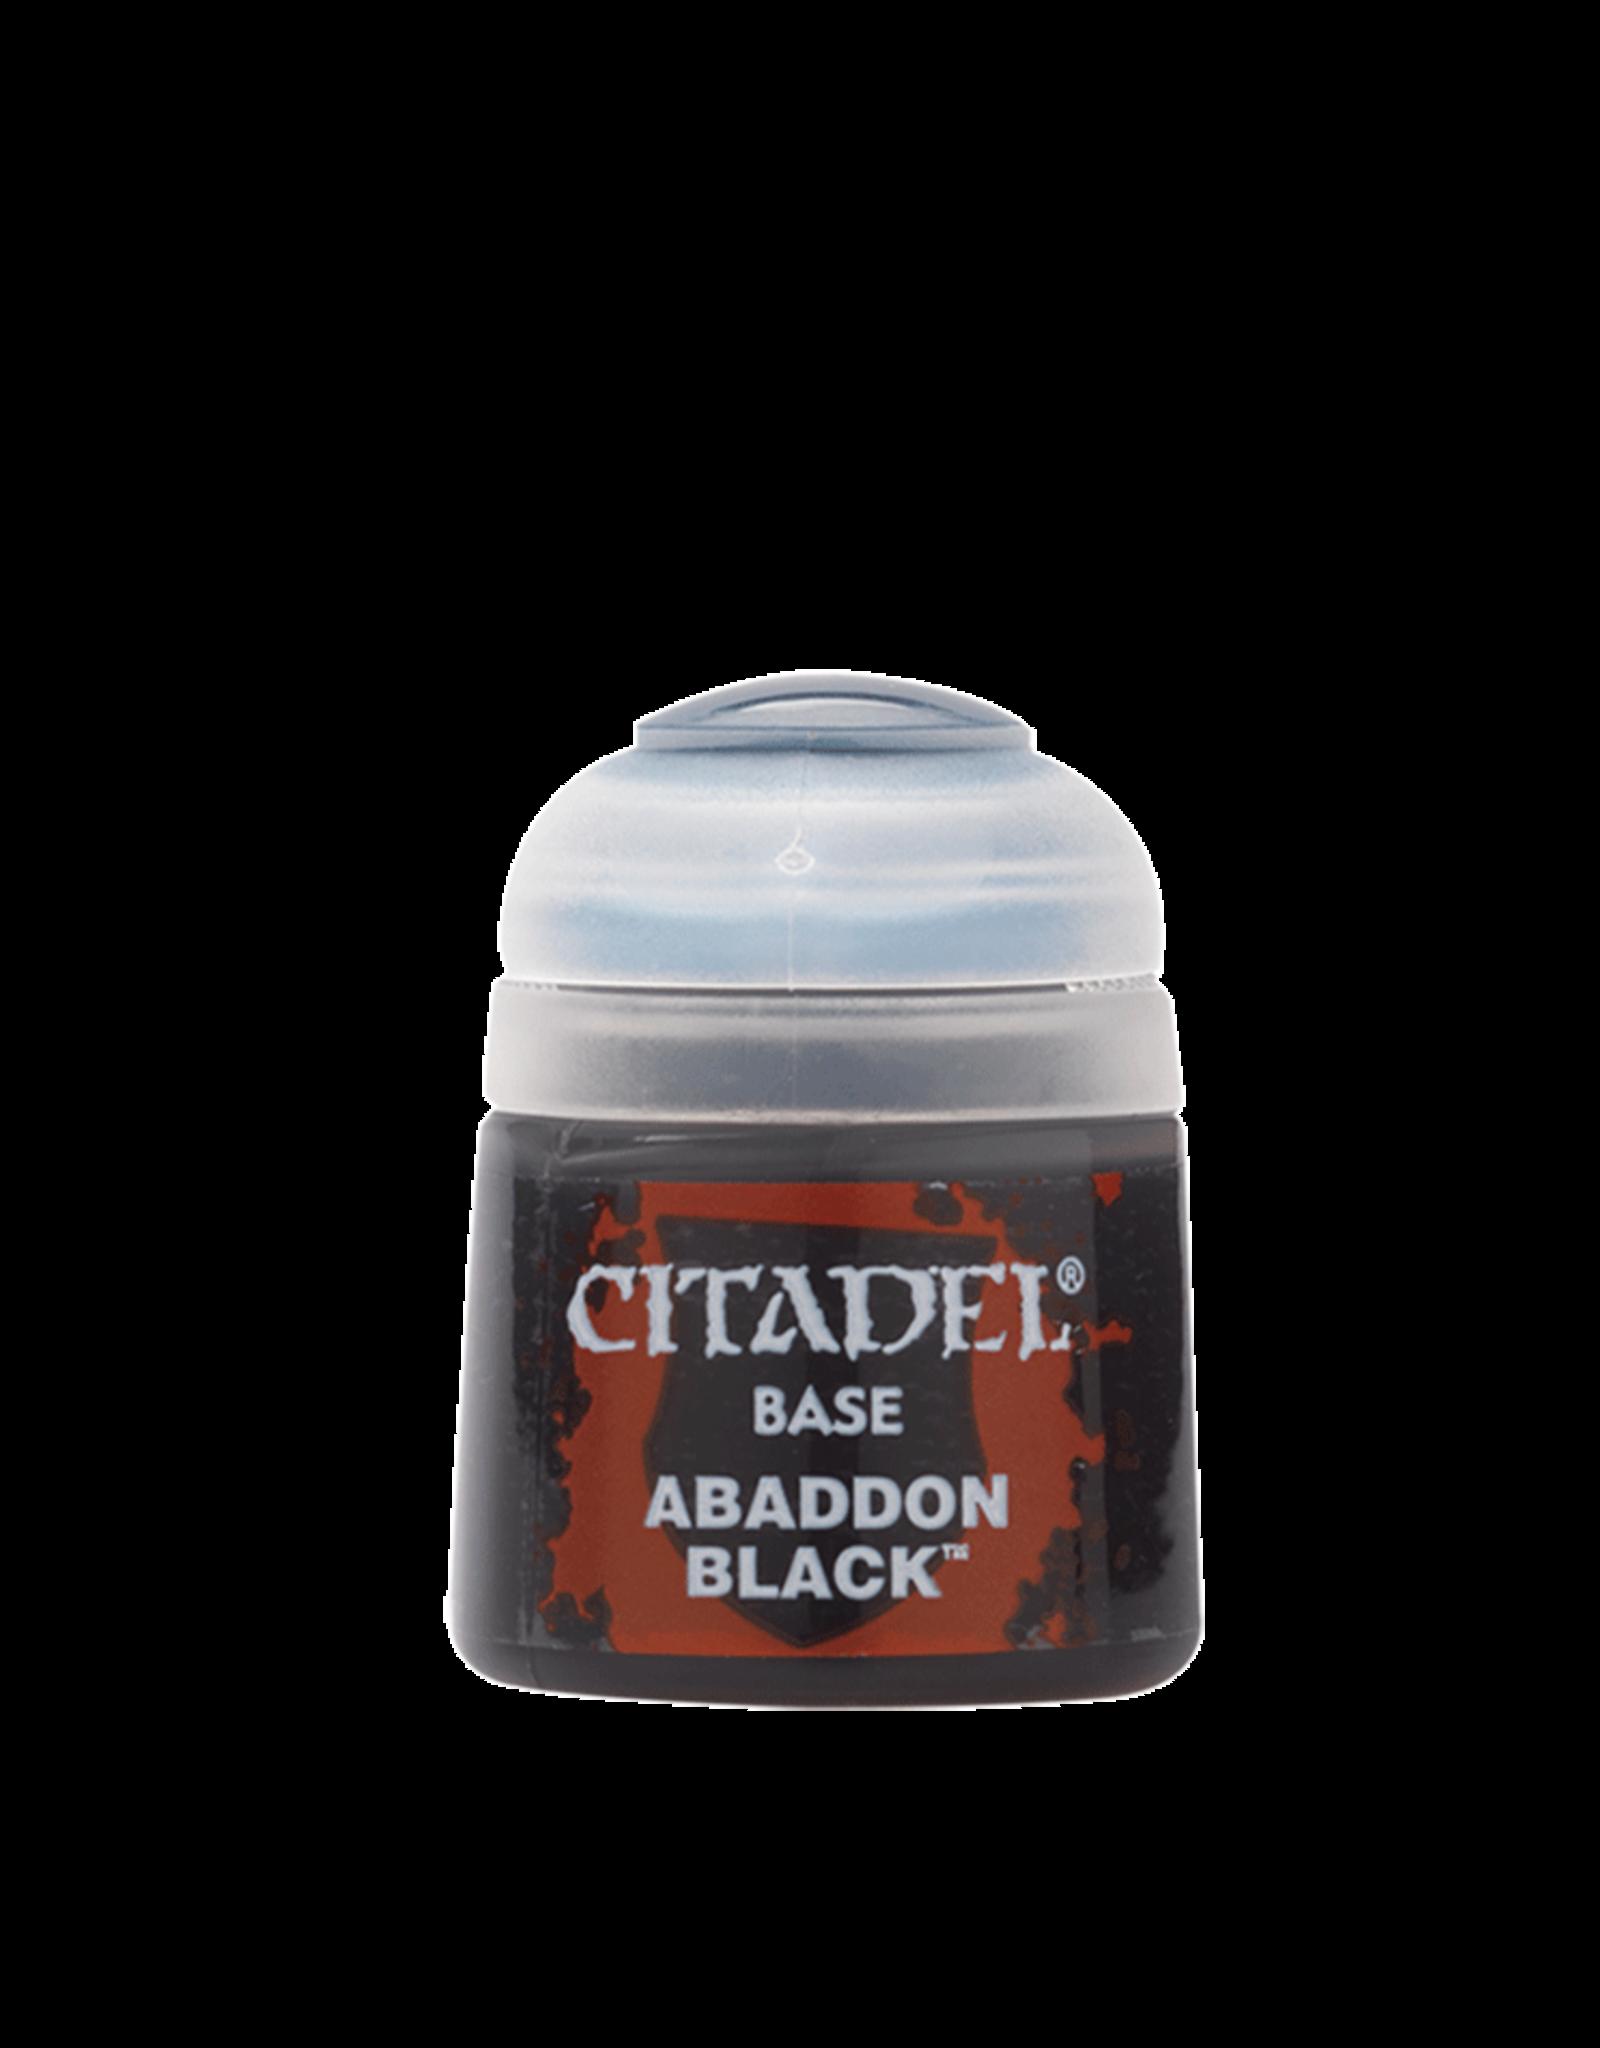 Games Workshop Citadel Base: Abaddon Black